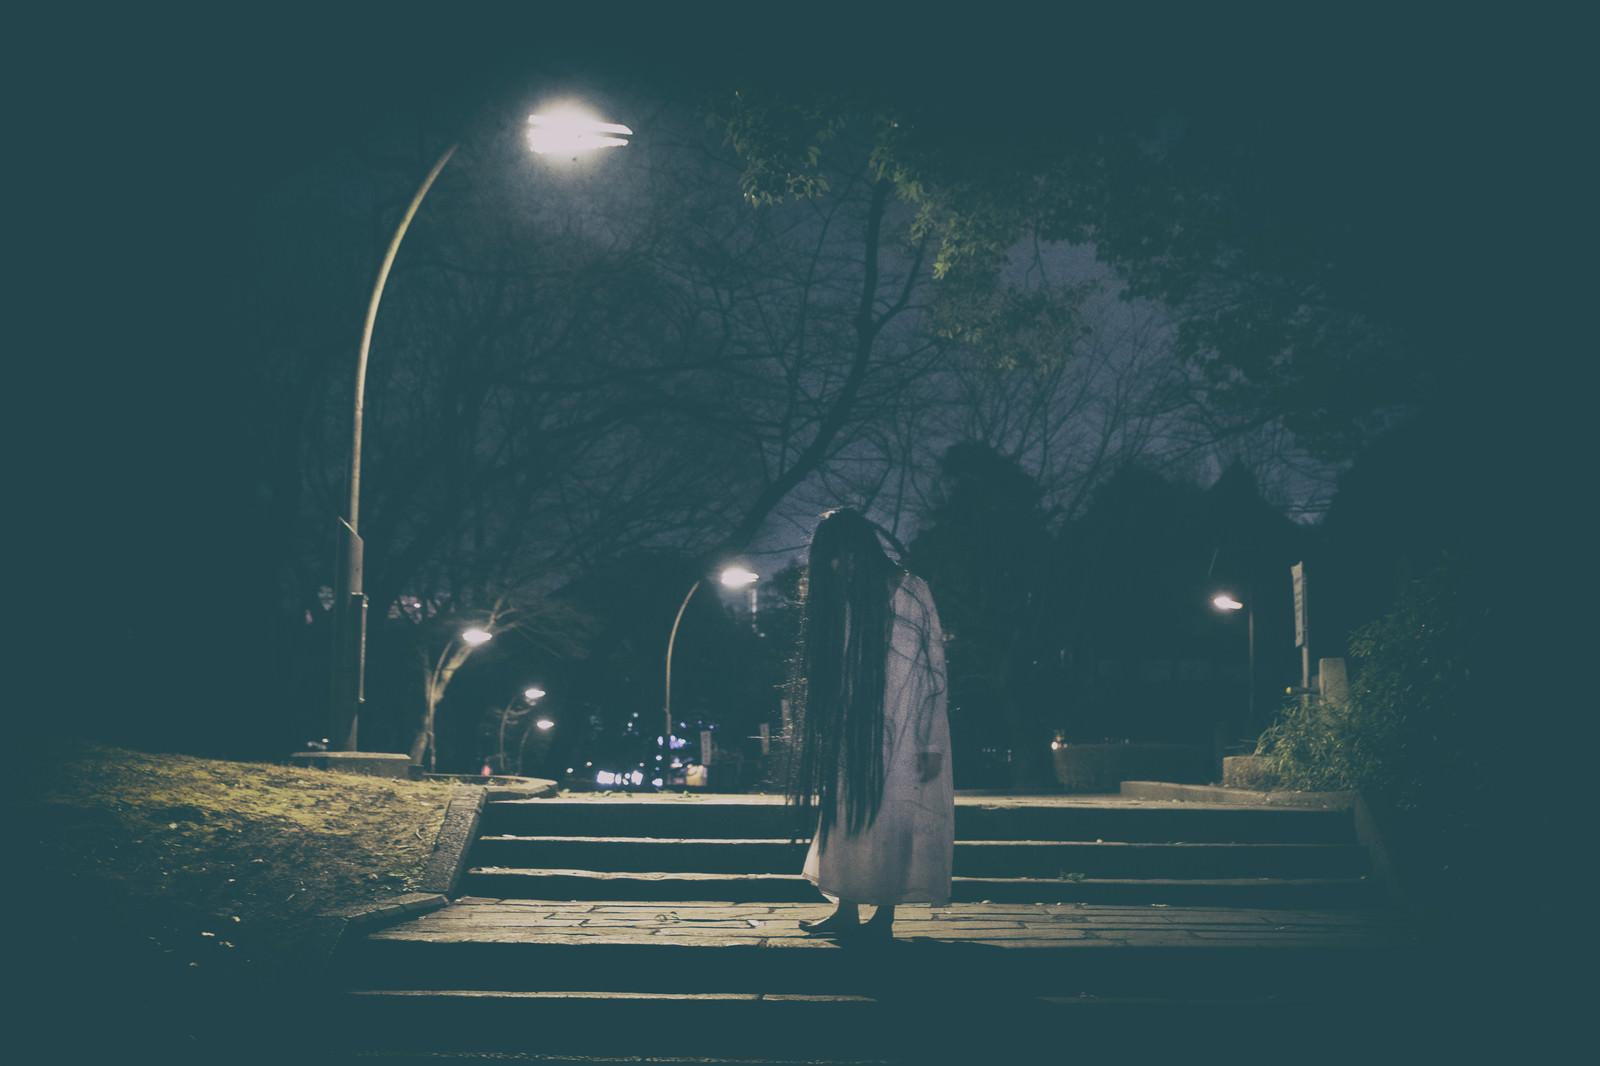 「公園のライトの下で佇む髪の長い女性」の写真